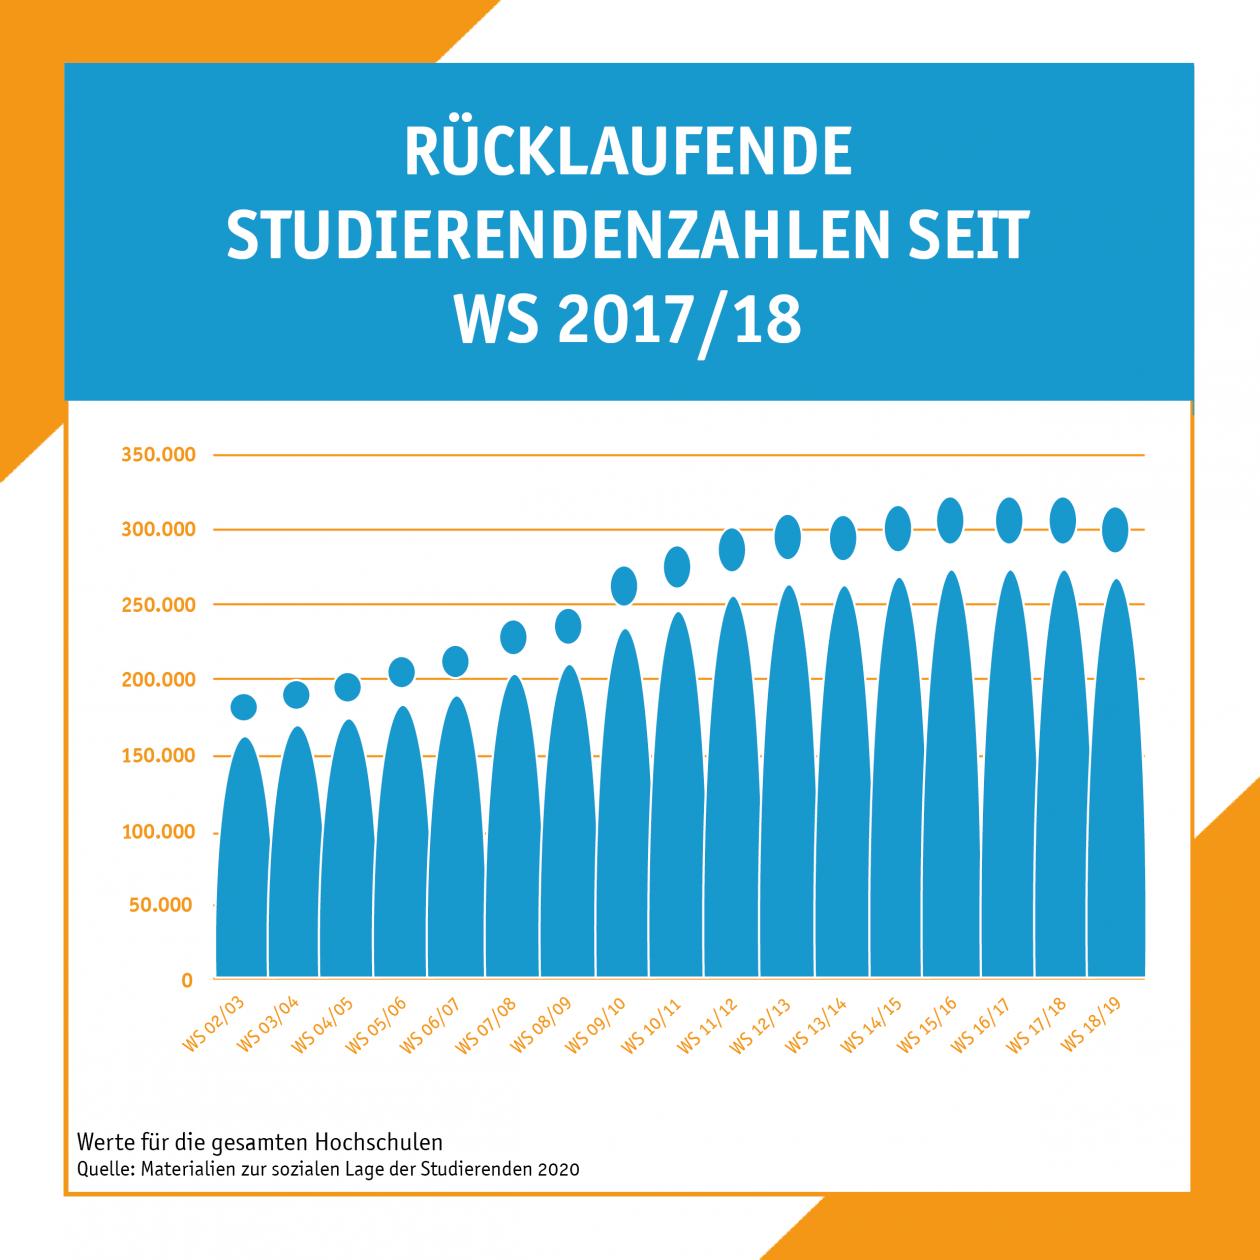 Sinkende Studierendenzahlens seit 2017